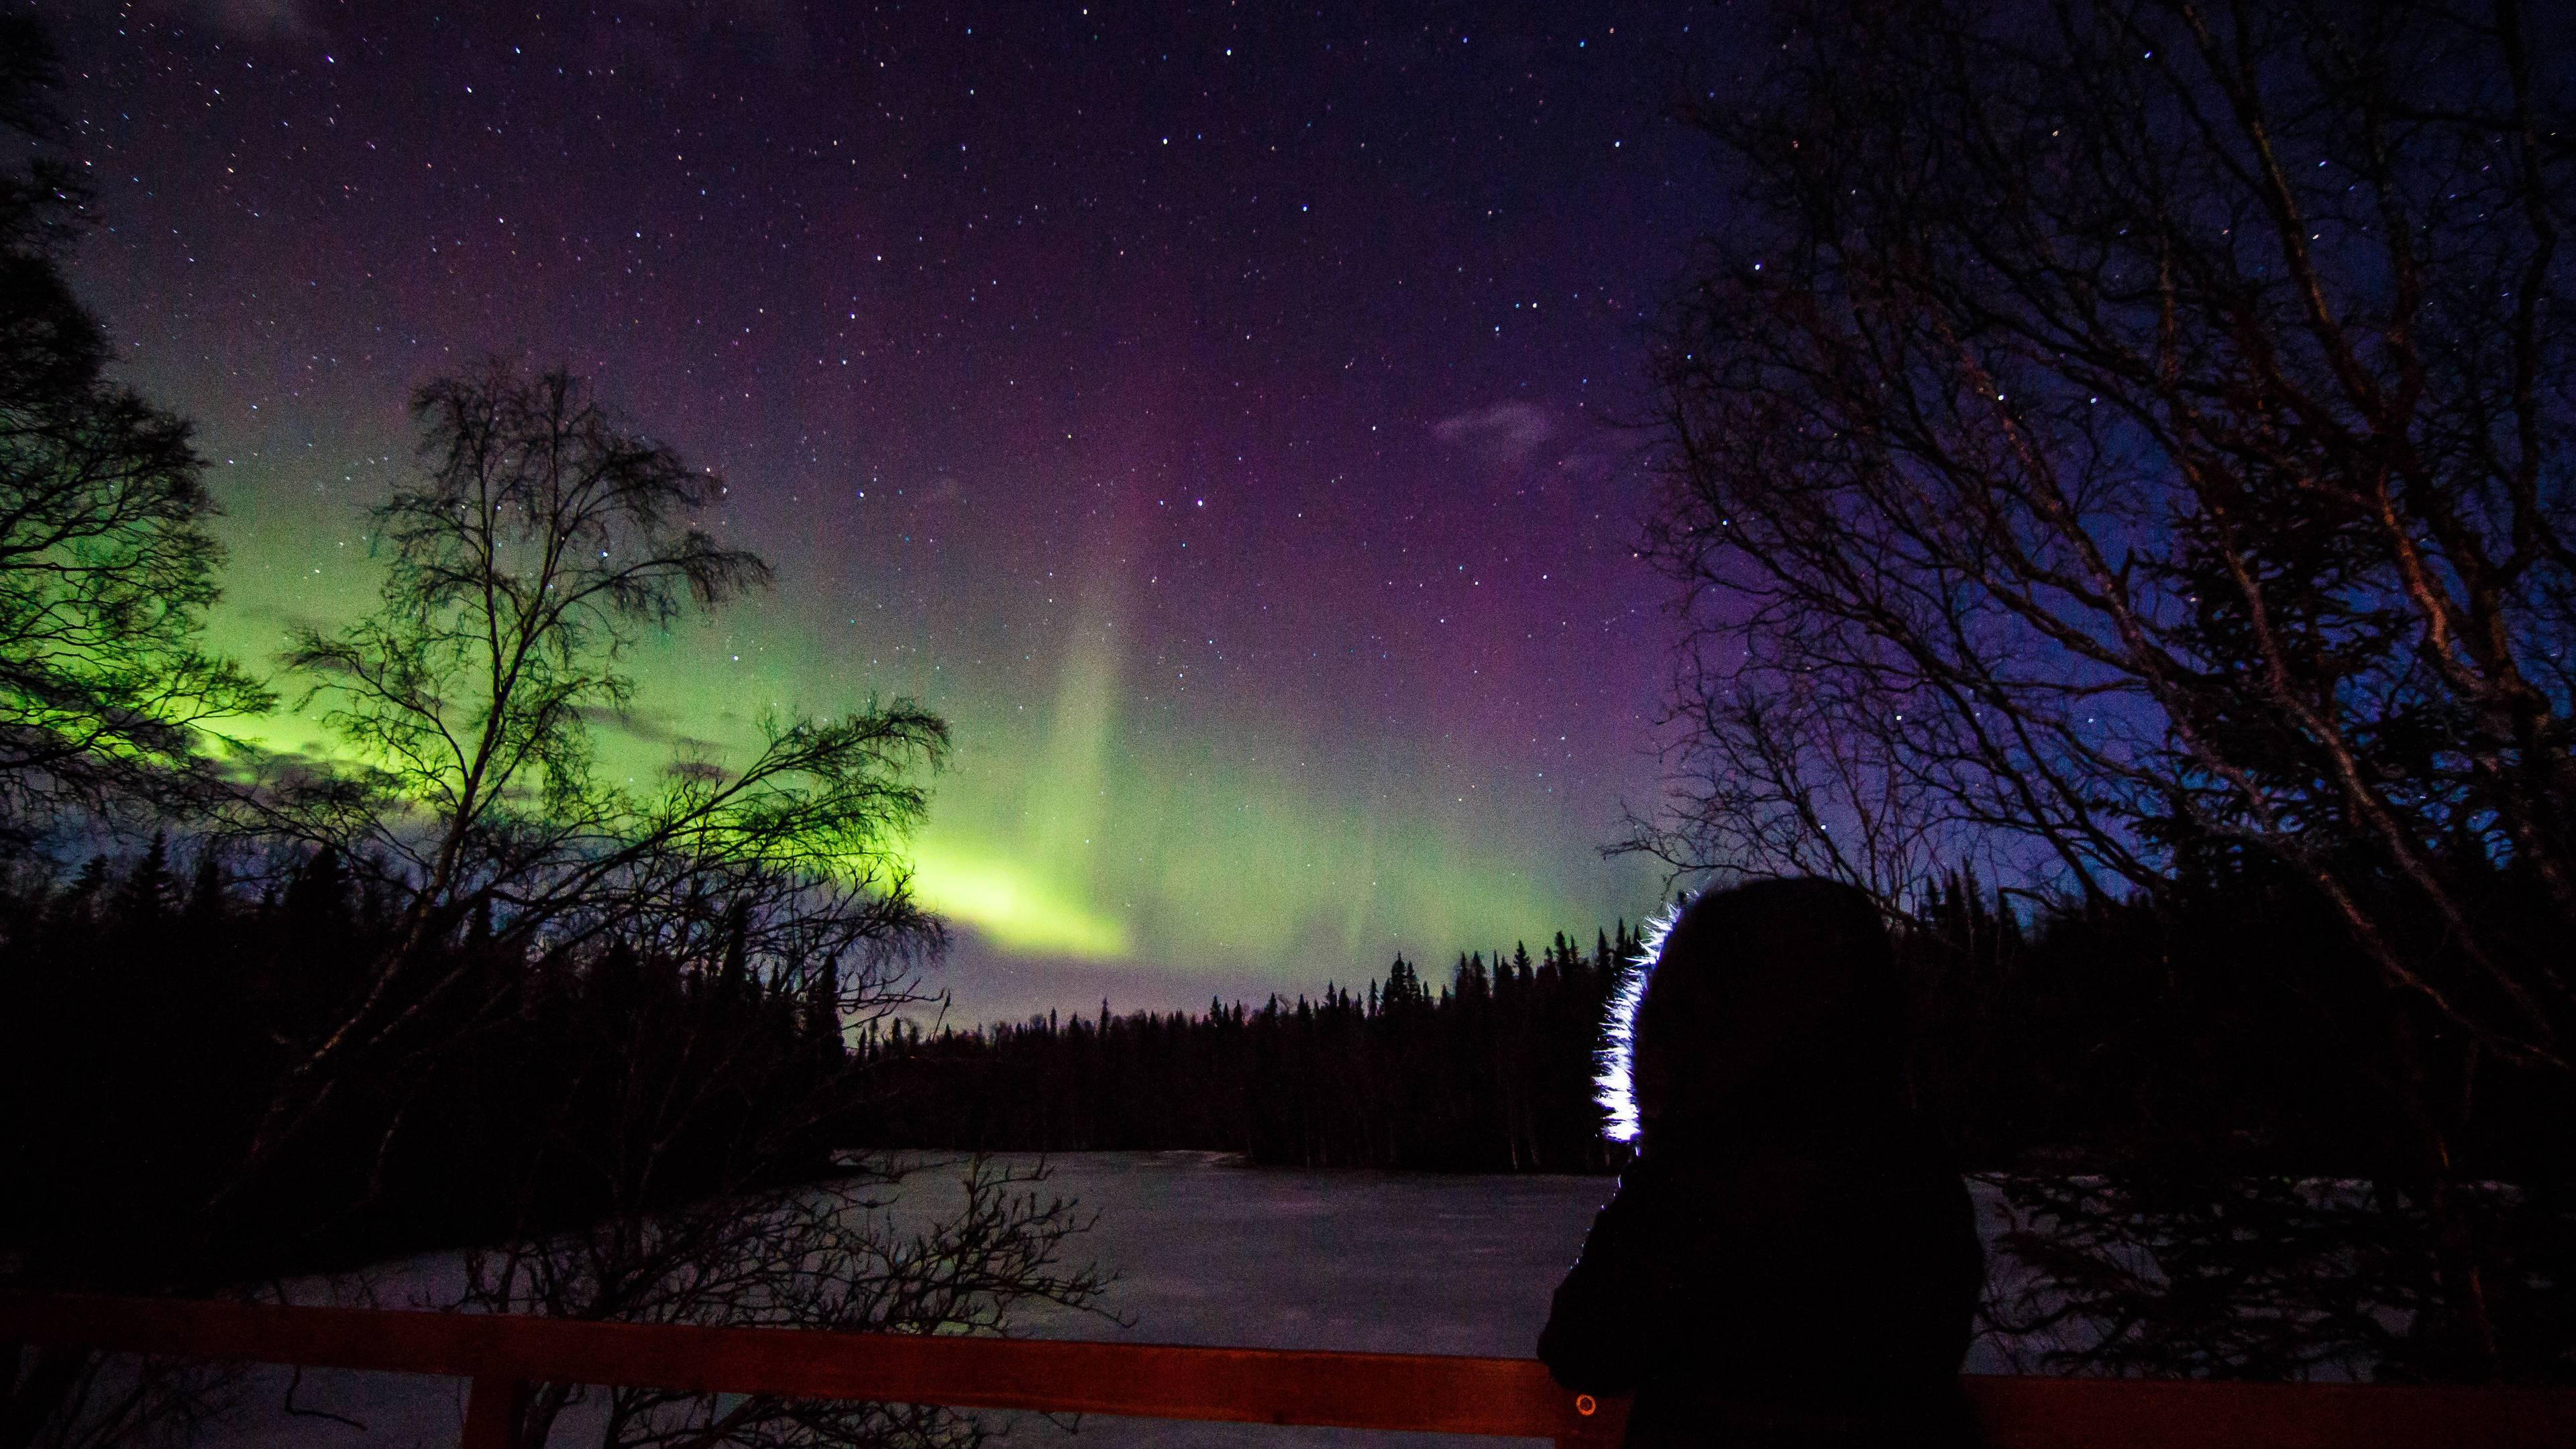 Aurora display 32815 145am Nikiski Alaska OC [3840x2160] 3840x2160